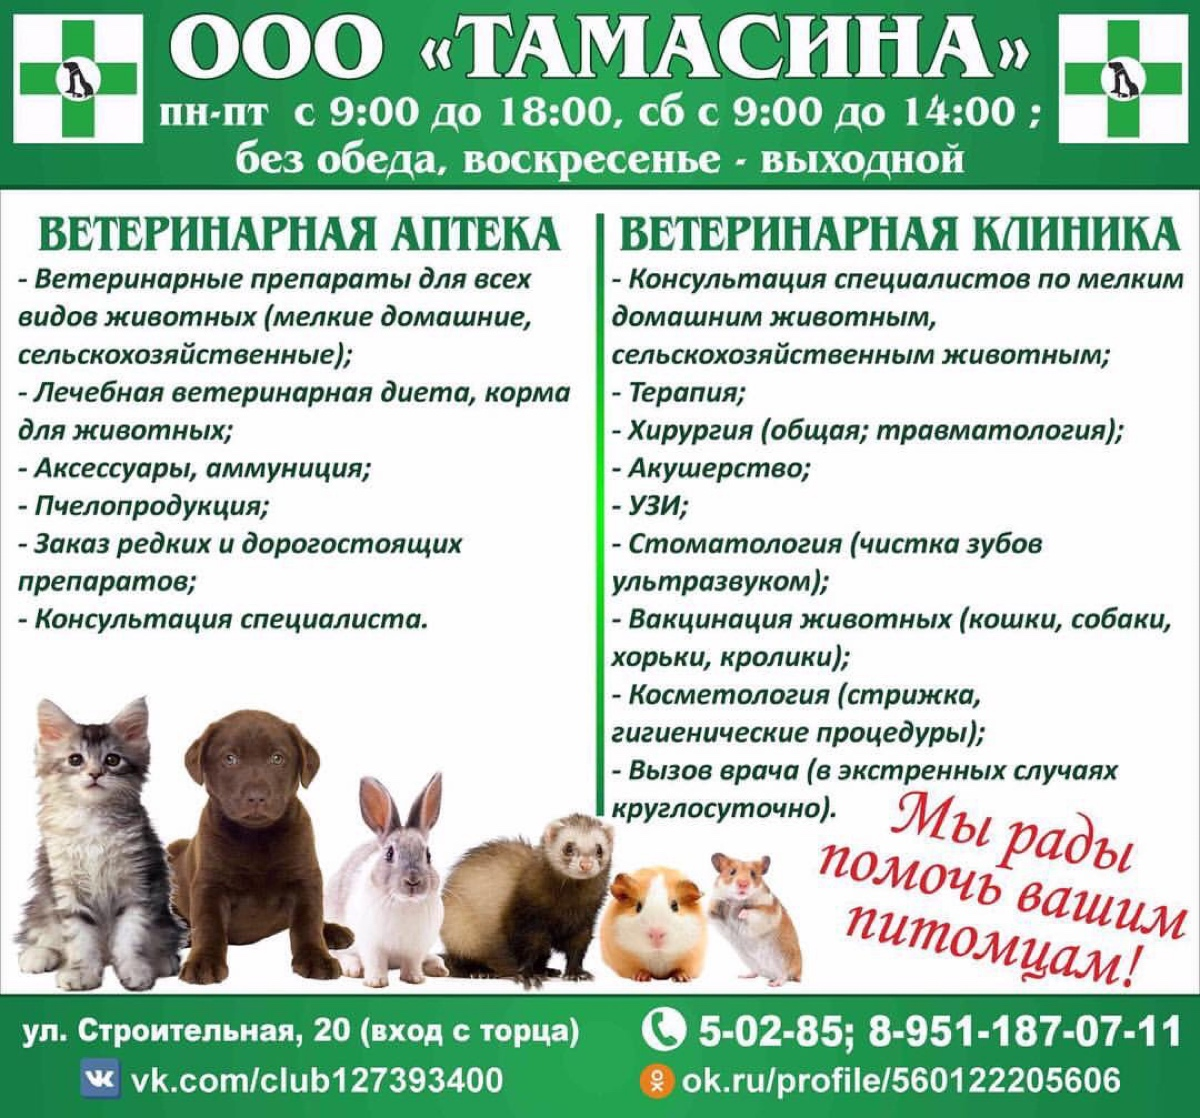 Ветеринарная клиника/аптека